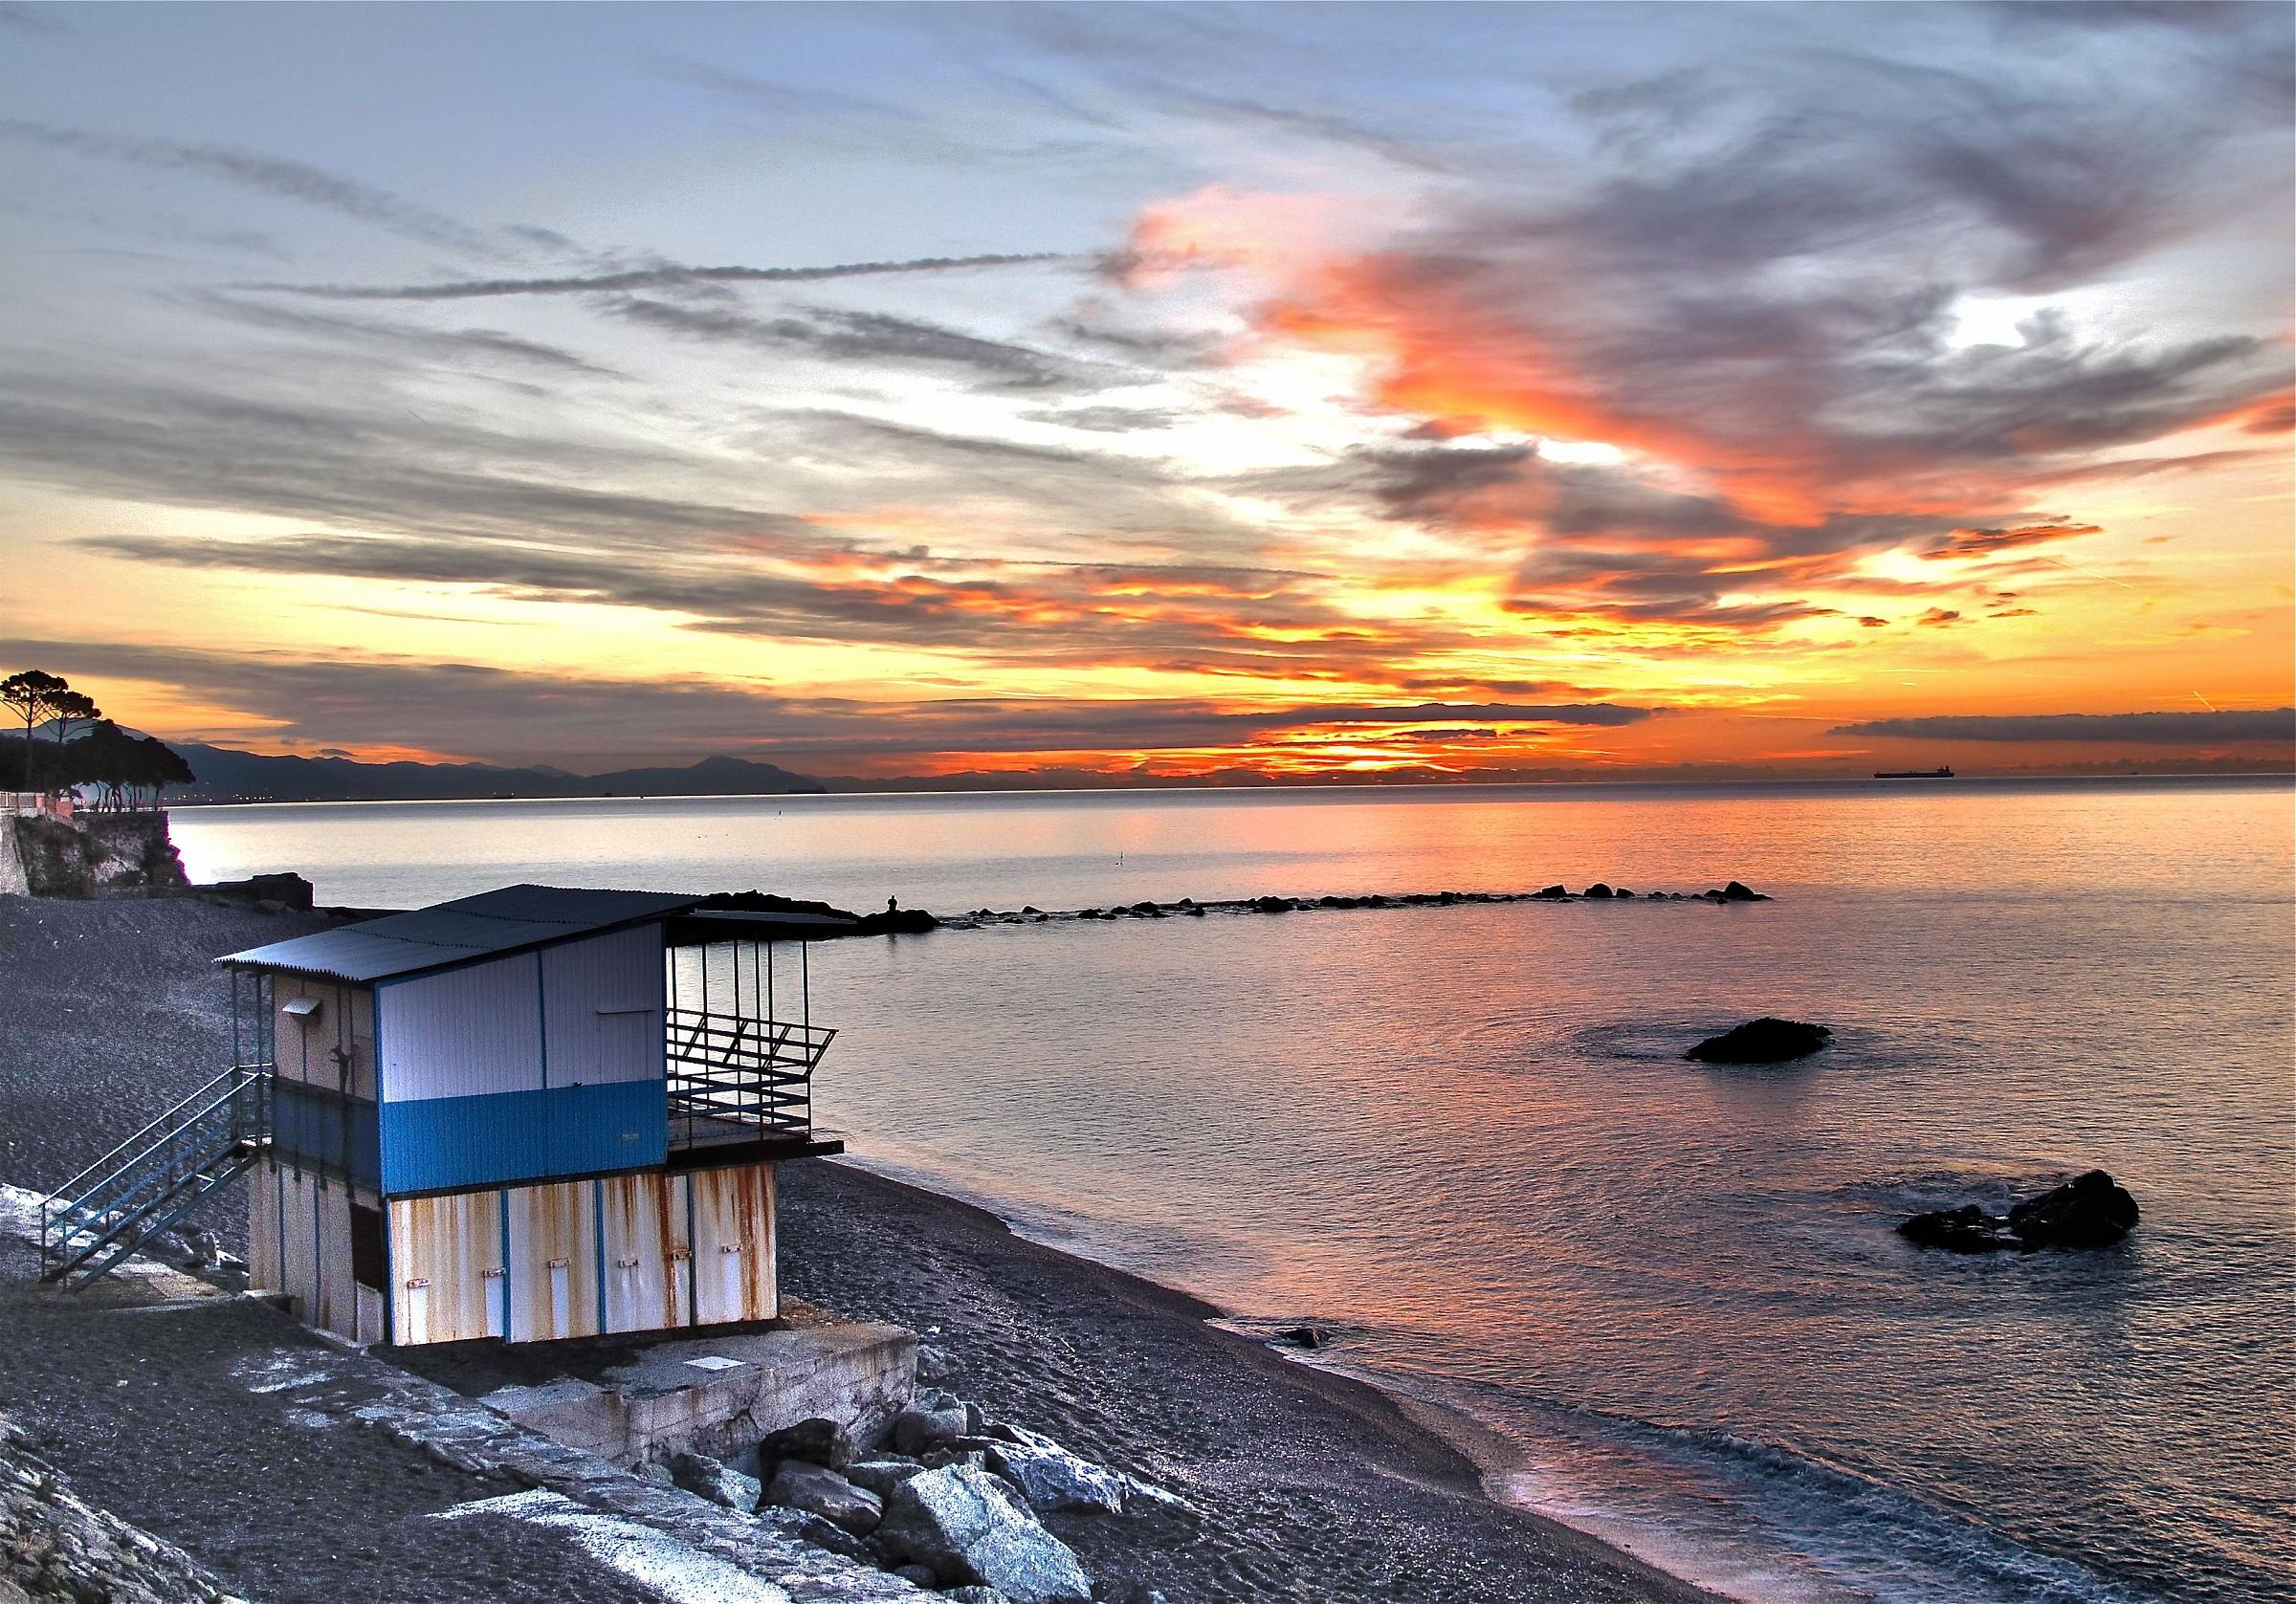 bar on the beach canon G12...